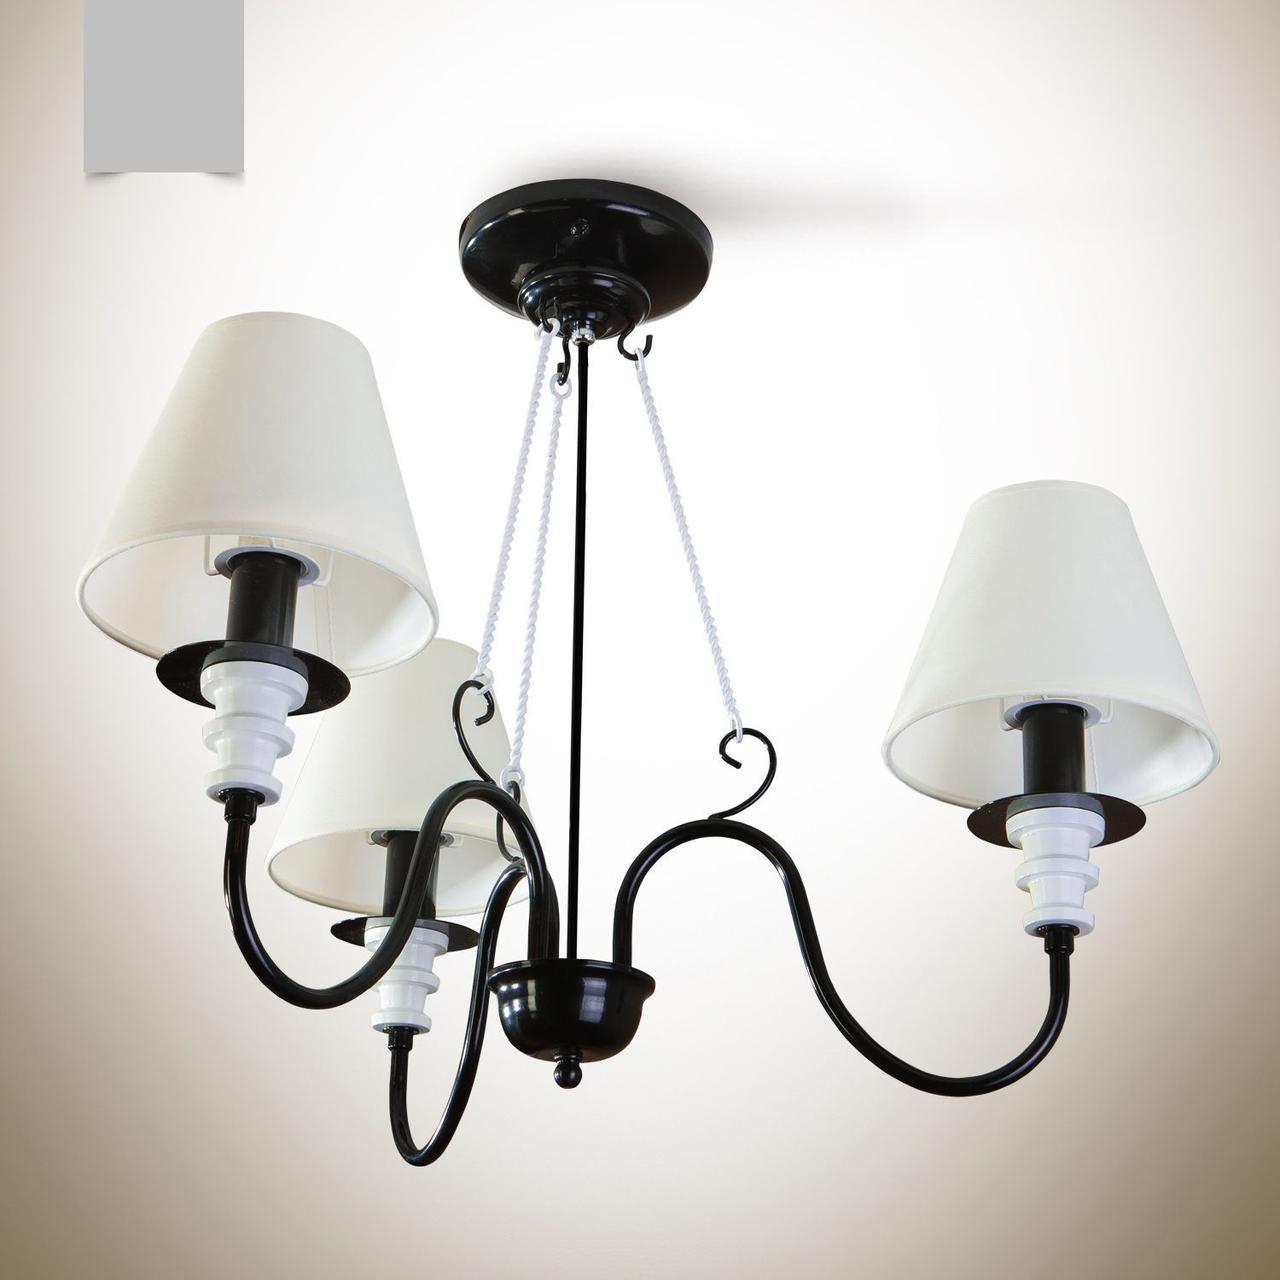 Люстра 3-х ламповая черно-белая с абажурами для спальни 12333-3